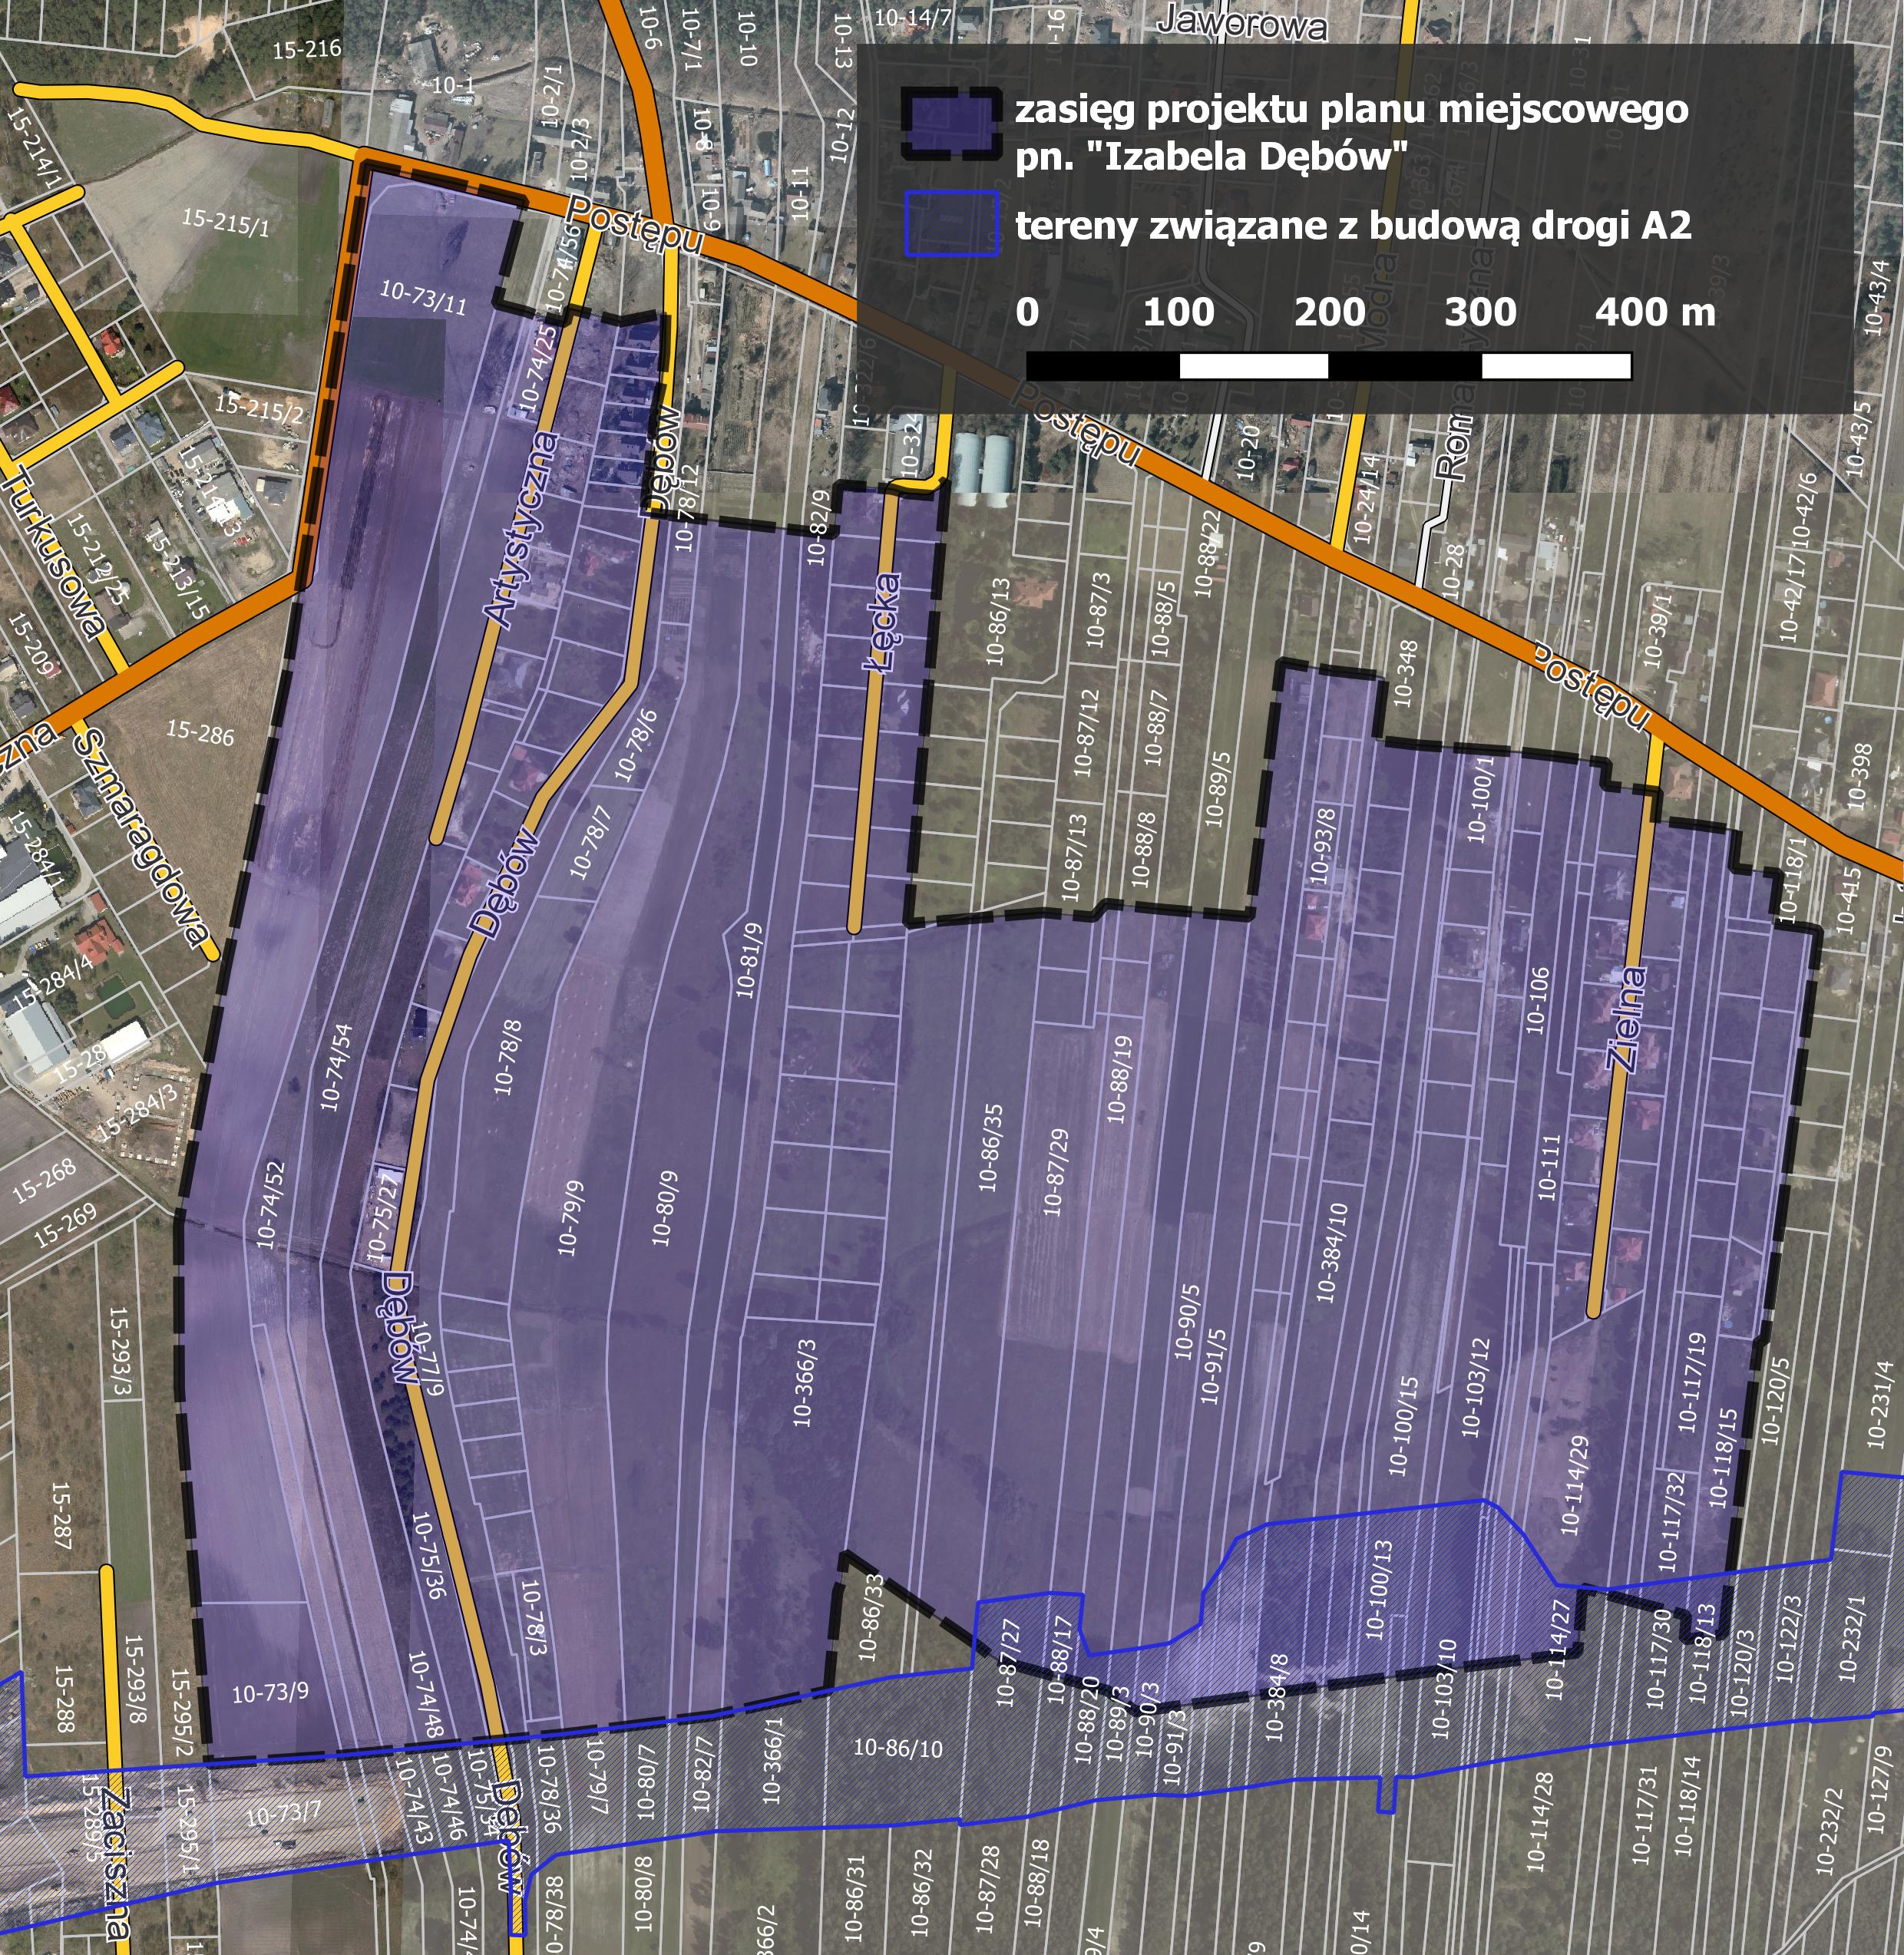 Projekt miejscowego planu zagospodarkowania przestrzennego Izabela - Dębów